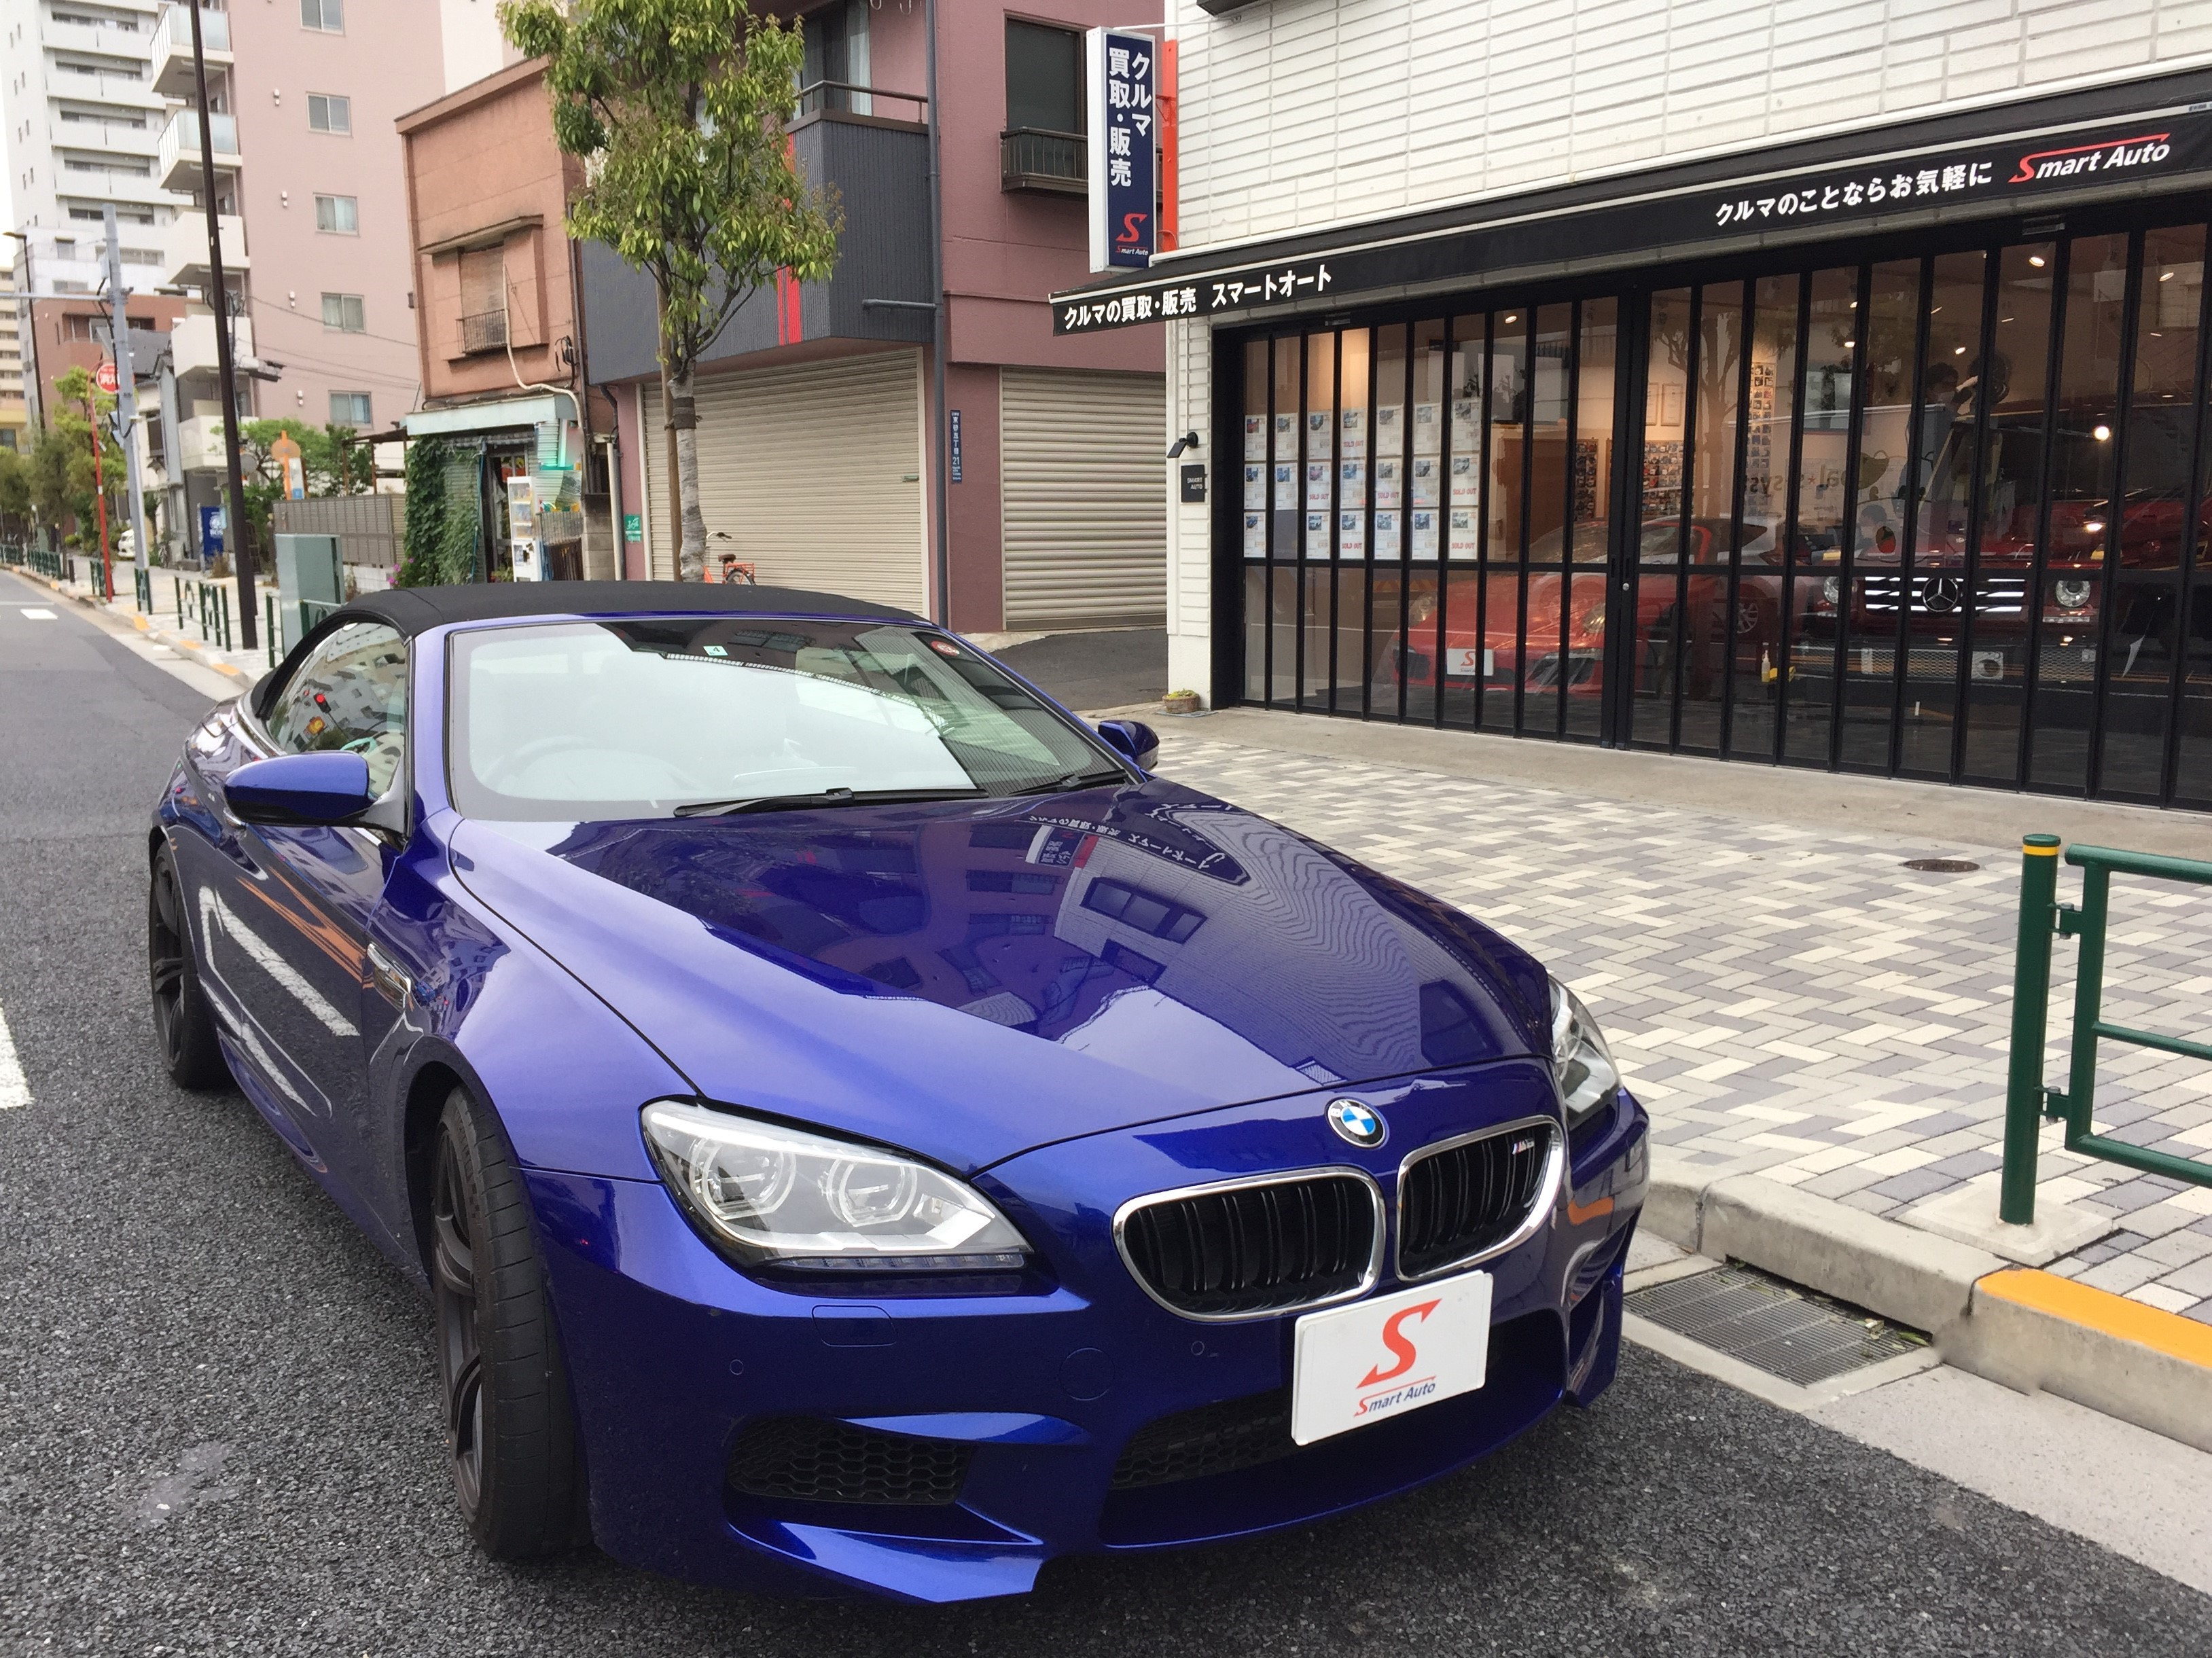 在庫車に< BMW M6 カブリオレ >が、追加になりました。